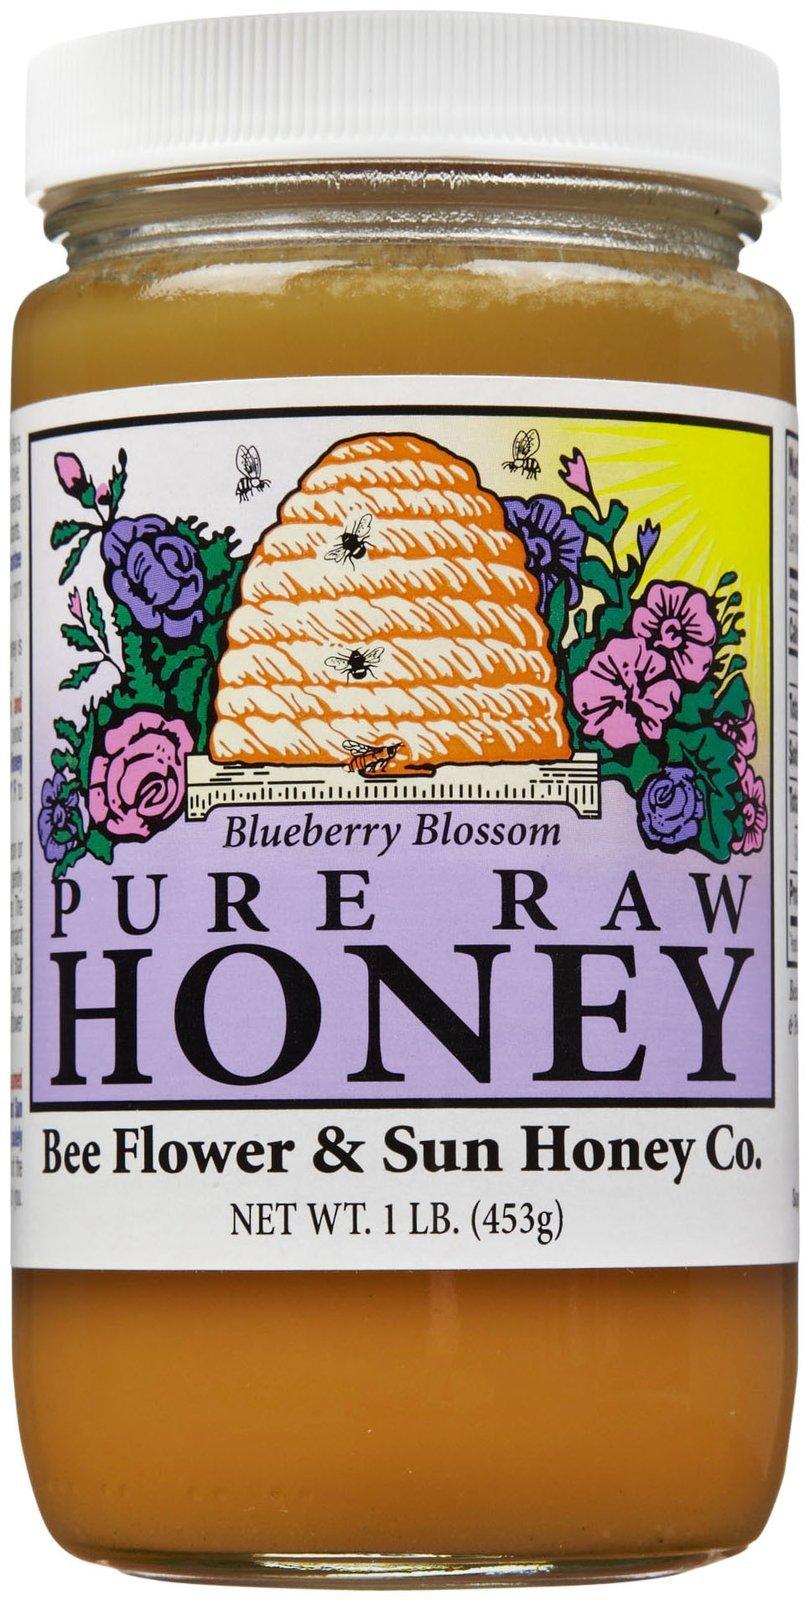 Honey,Blueberry Blossom